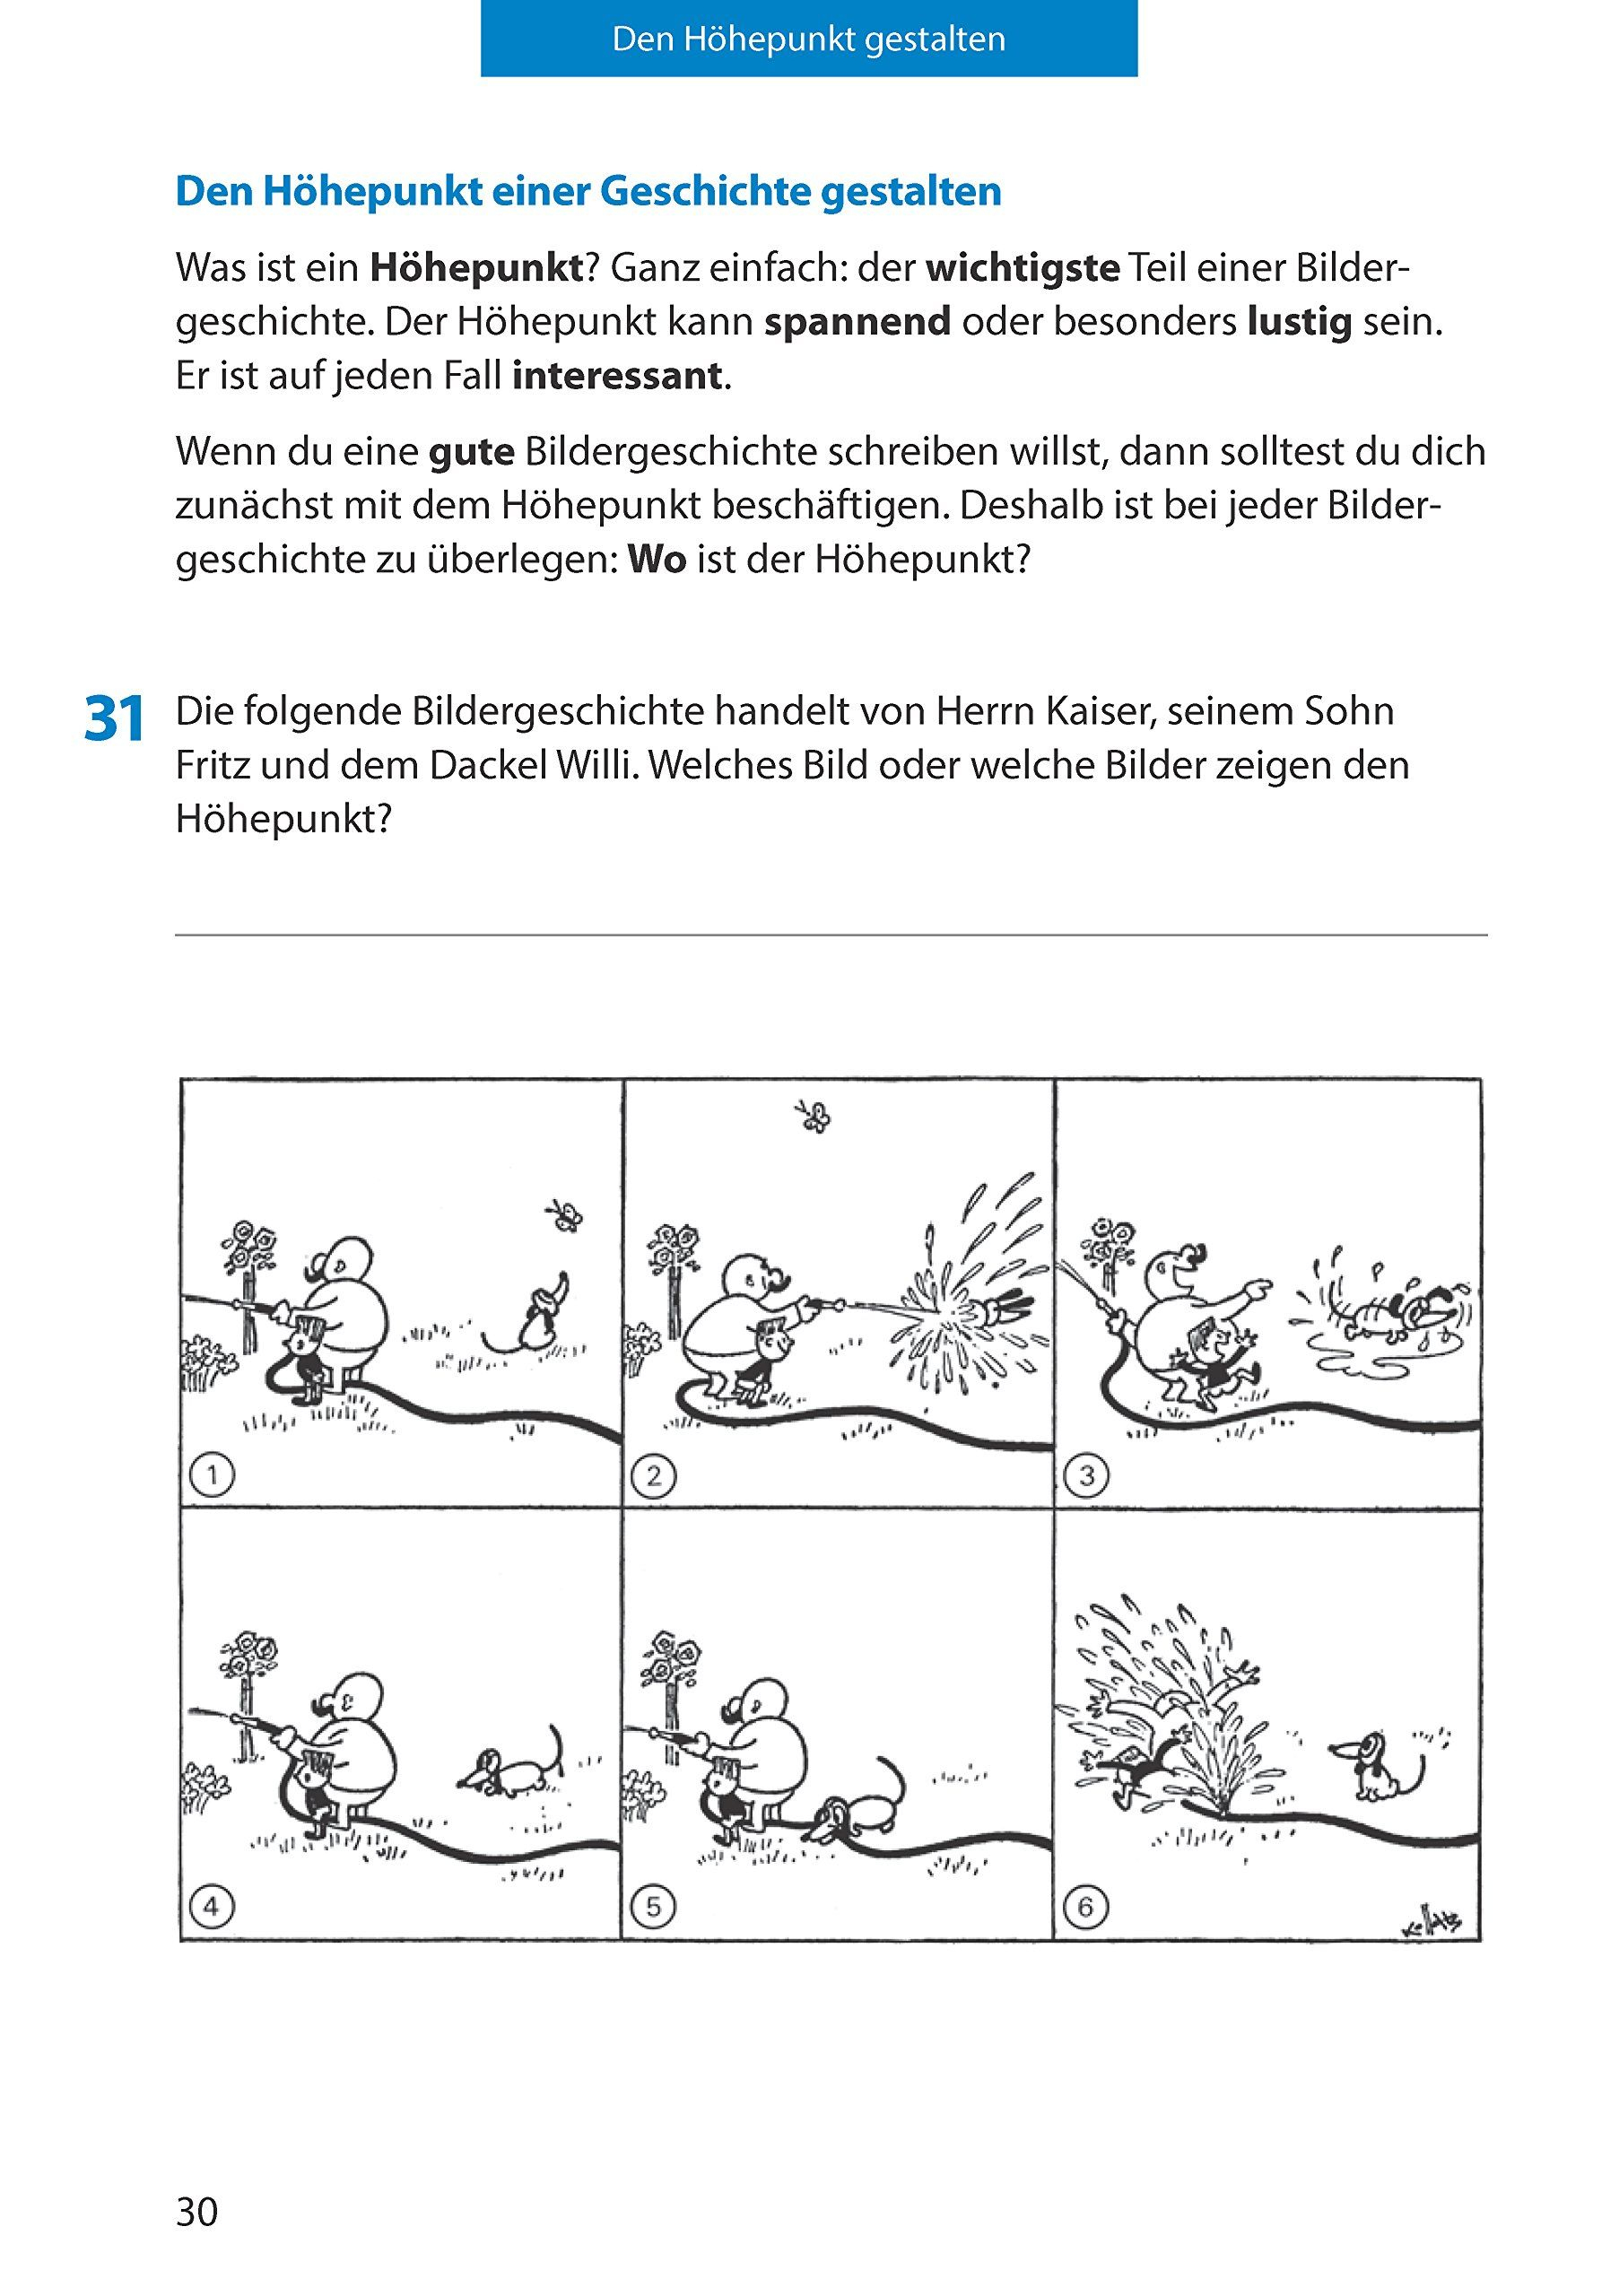 Bildergeschichte Grundschule 4. Klasse」の画像検索結果 (Mit bei Aufsatz 4 Klasse Bildergeschichte